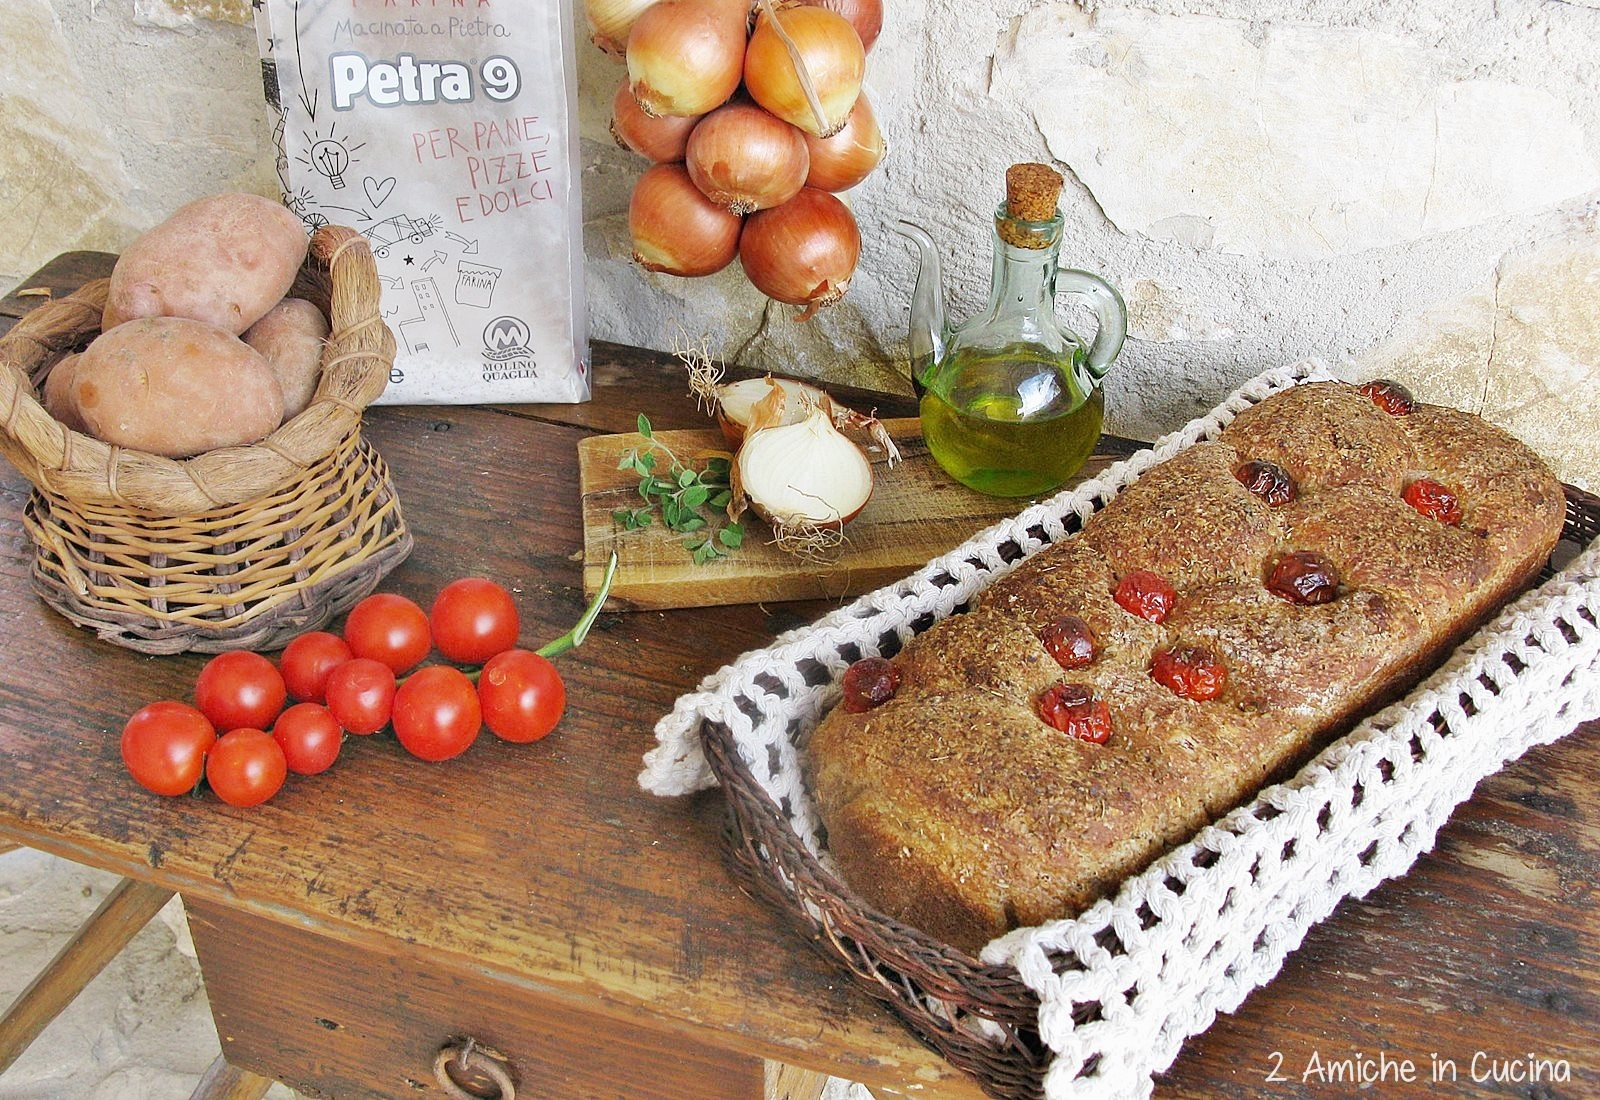 Pane integrale alle patate e cipolle con pomodorini e origano